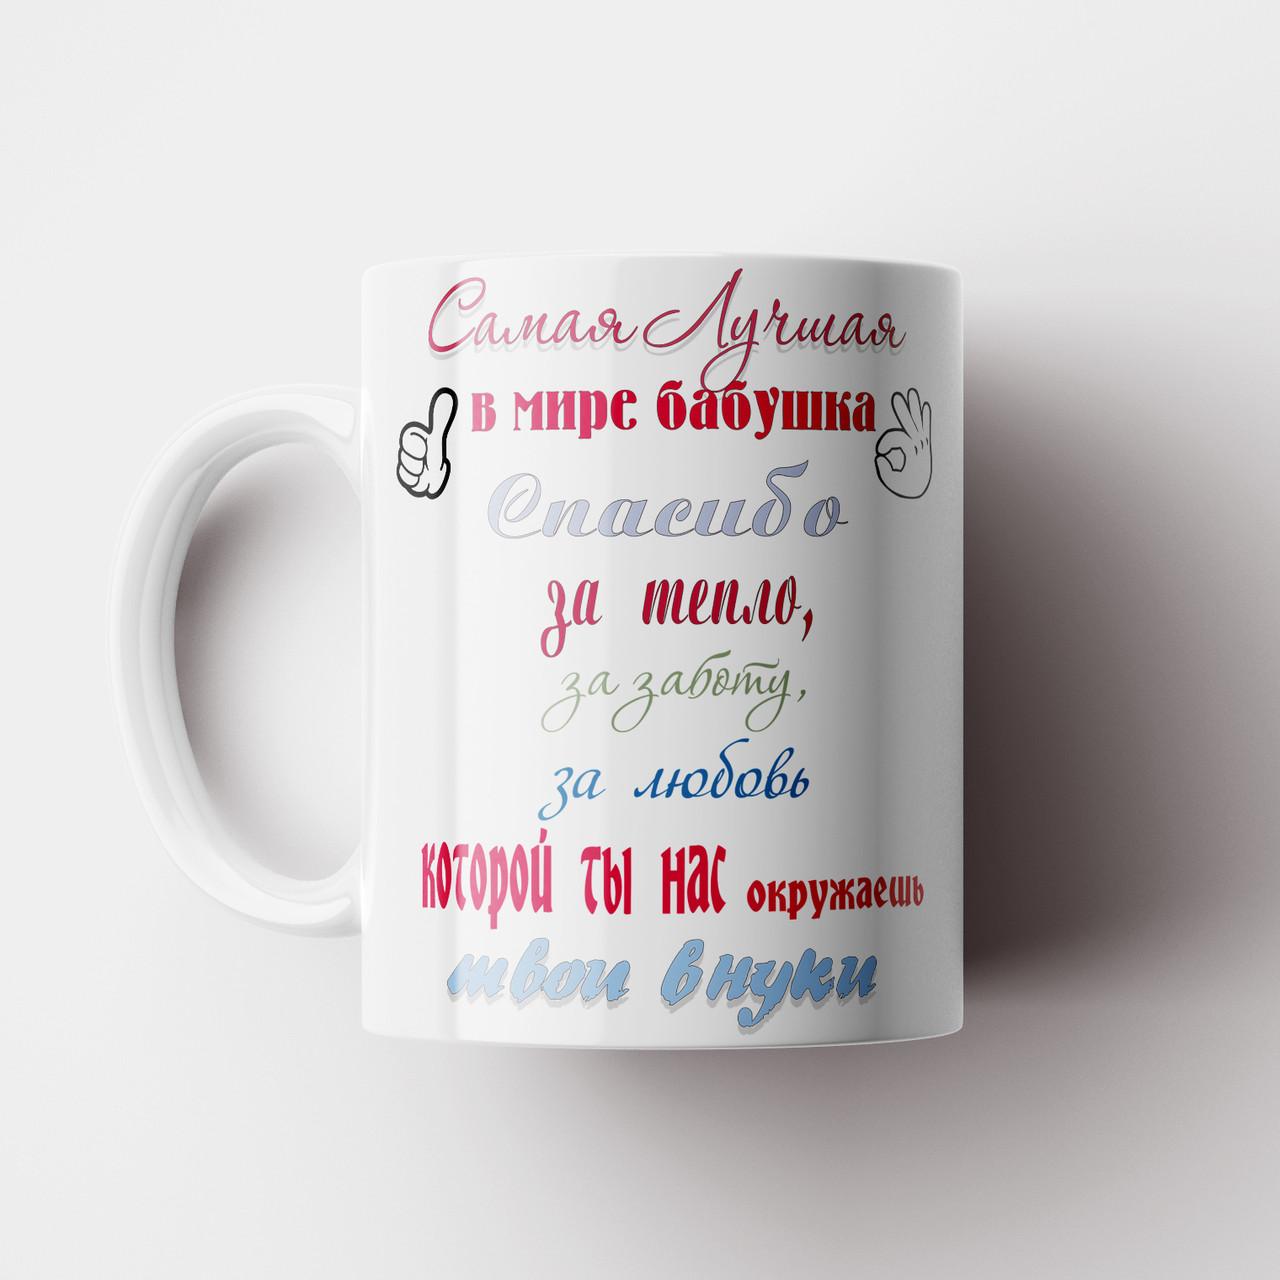 """Чашка подарок Бабушке. Кружка с принтом """"Самая лучшая в мире Бабушка"""". Чашка с фото"""